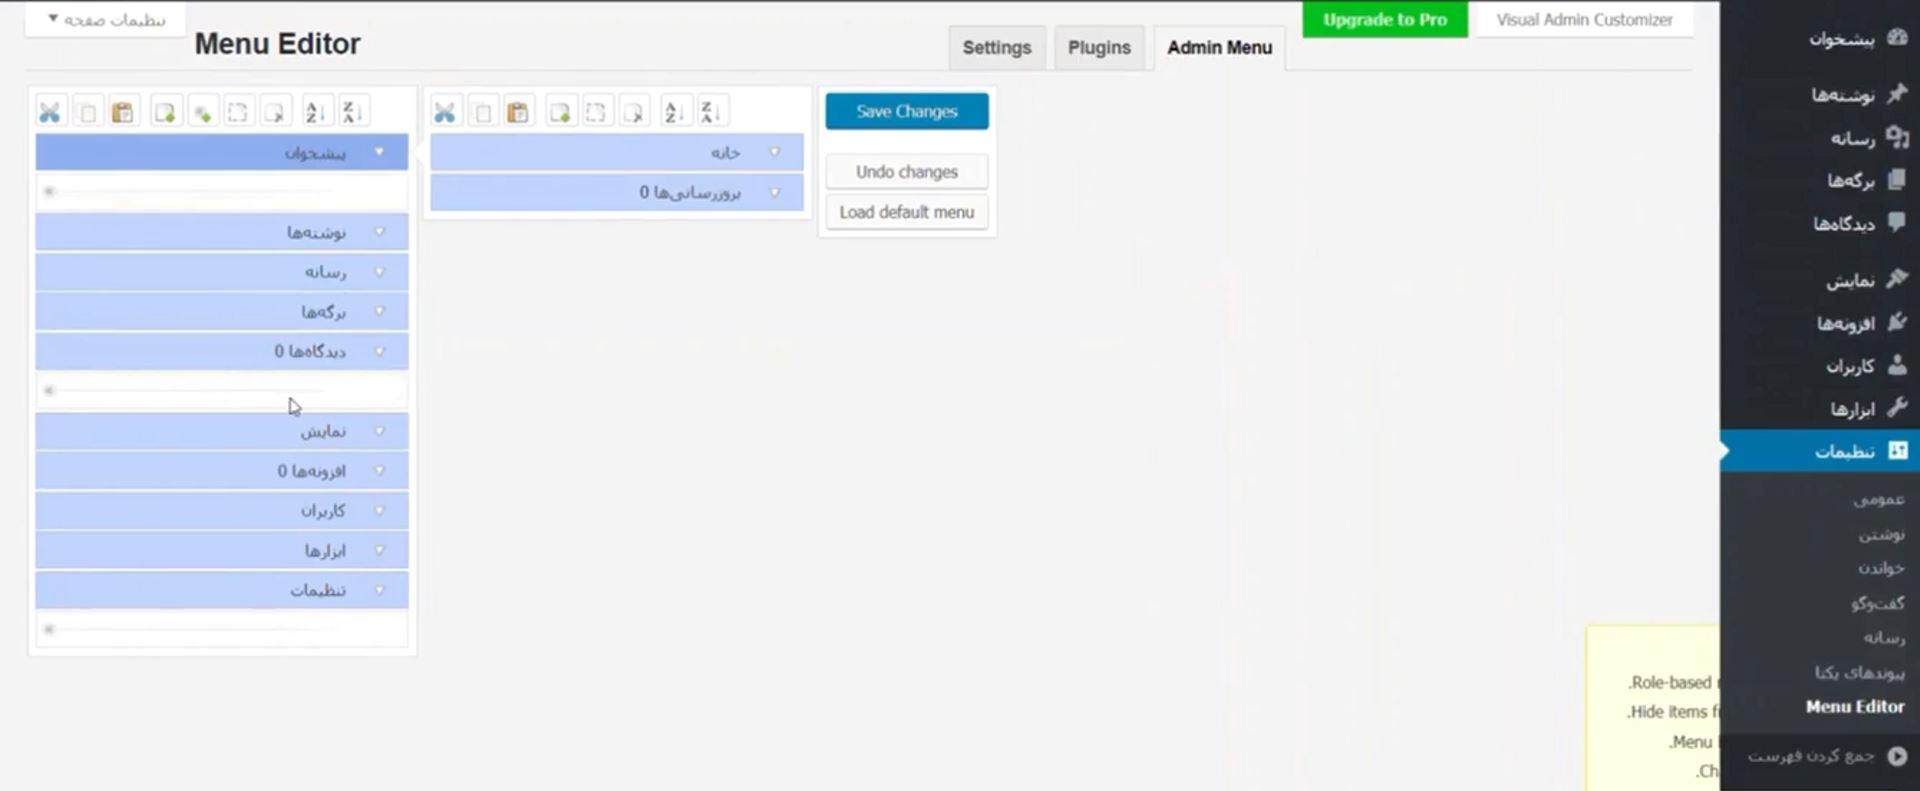 Admin Menu Editor settings